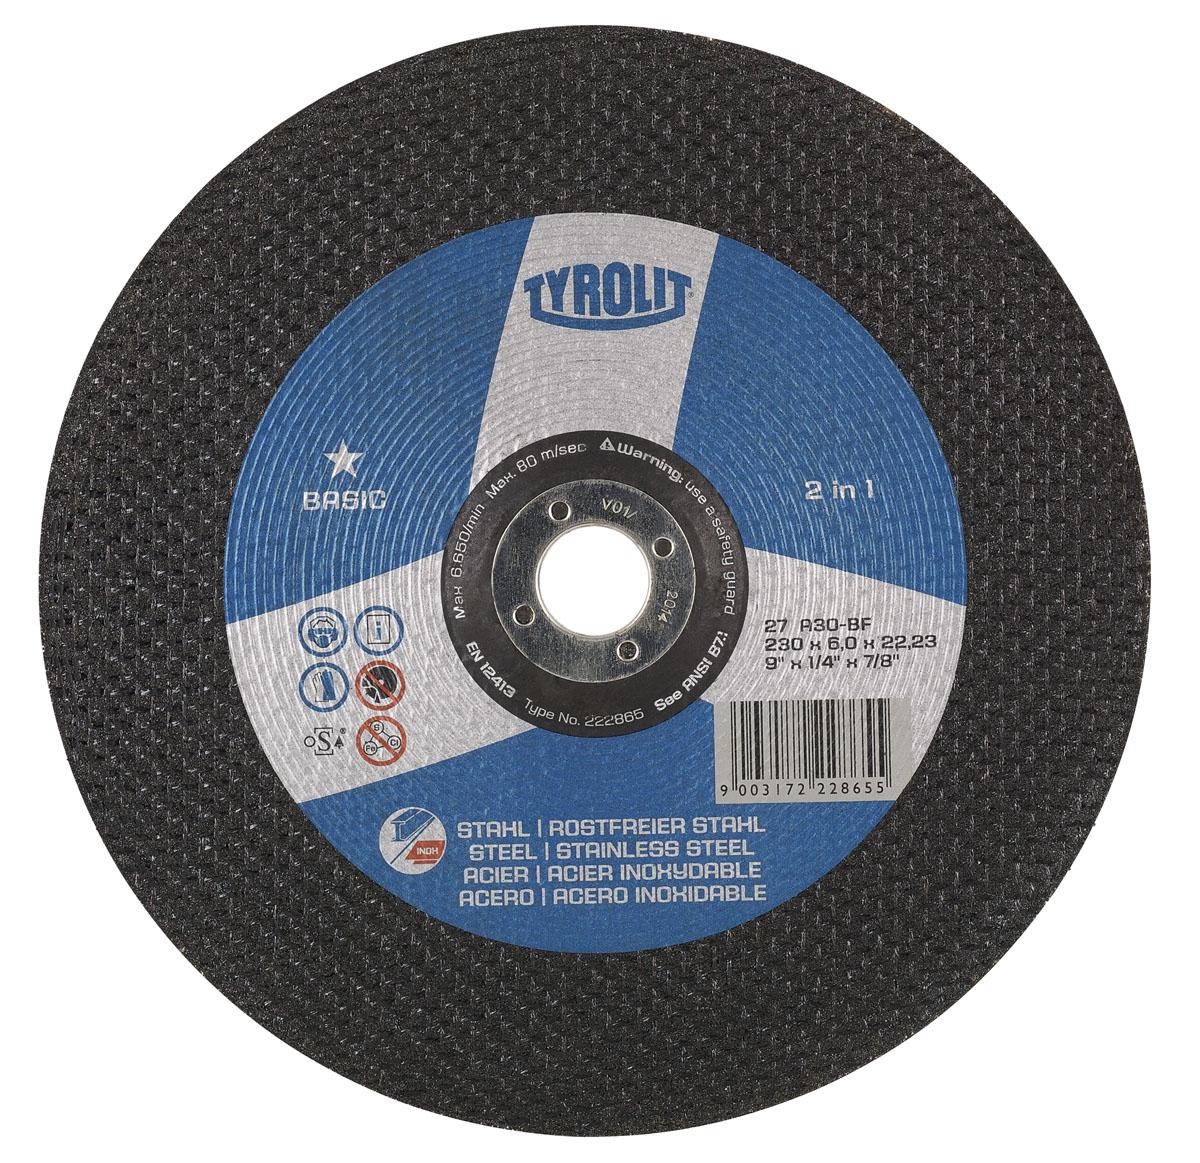 Диск абразивный зачистной Tyrolit Basic 2 in 1, 125 мм х 6 мм х 22,23 мм. 222860222860Диск абразивный зачистной Tyrolit Basic 2 in 1 - круг для грубой зачистки различных видов стали (включая высококачественные сорта стали и литейные материалы). Особенности диска: Связка из синтетической смолы. Армирование волокнистыми материалами. Высокая отрезная способность. Высокая безопасность продукта. Запатентованная конструкция шлифовальных дисков. Угол шлифования в 20-30°.